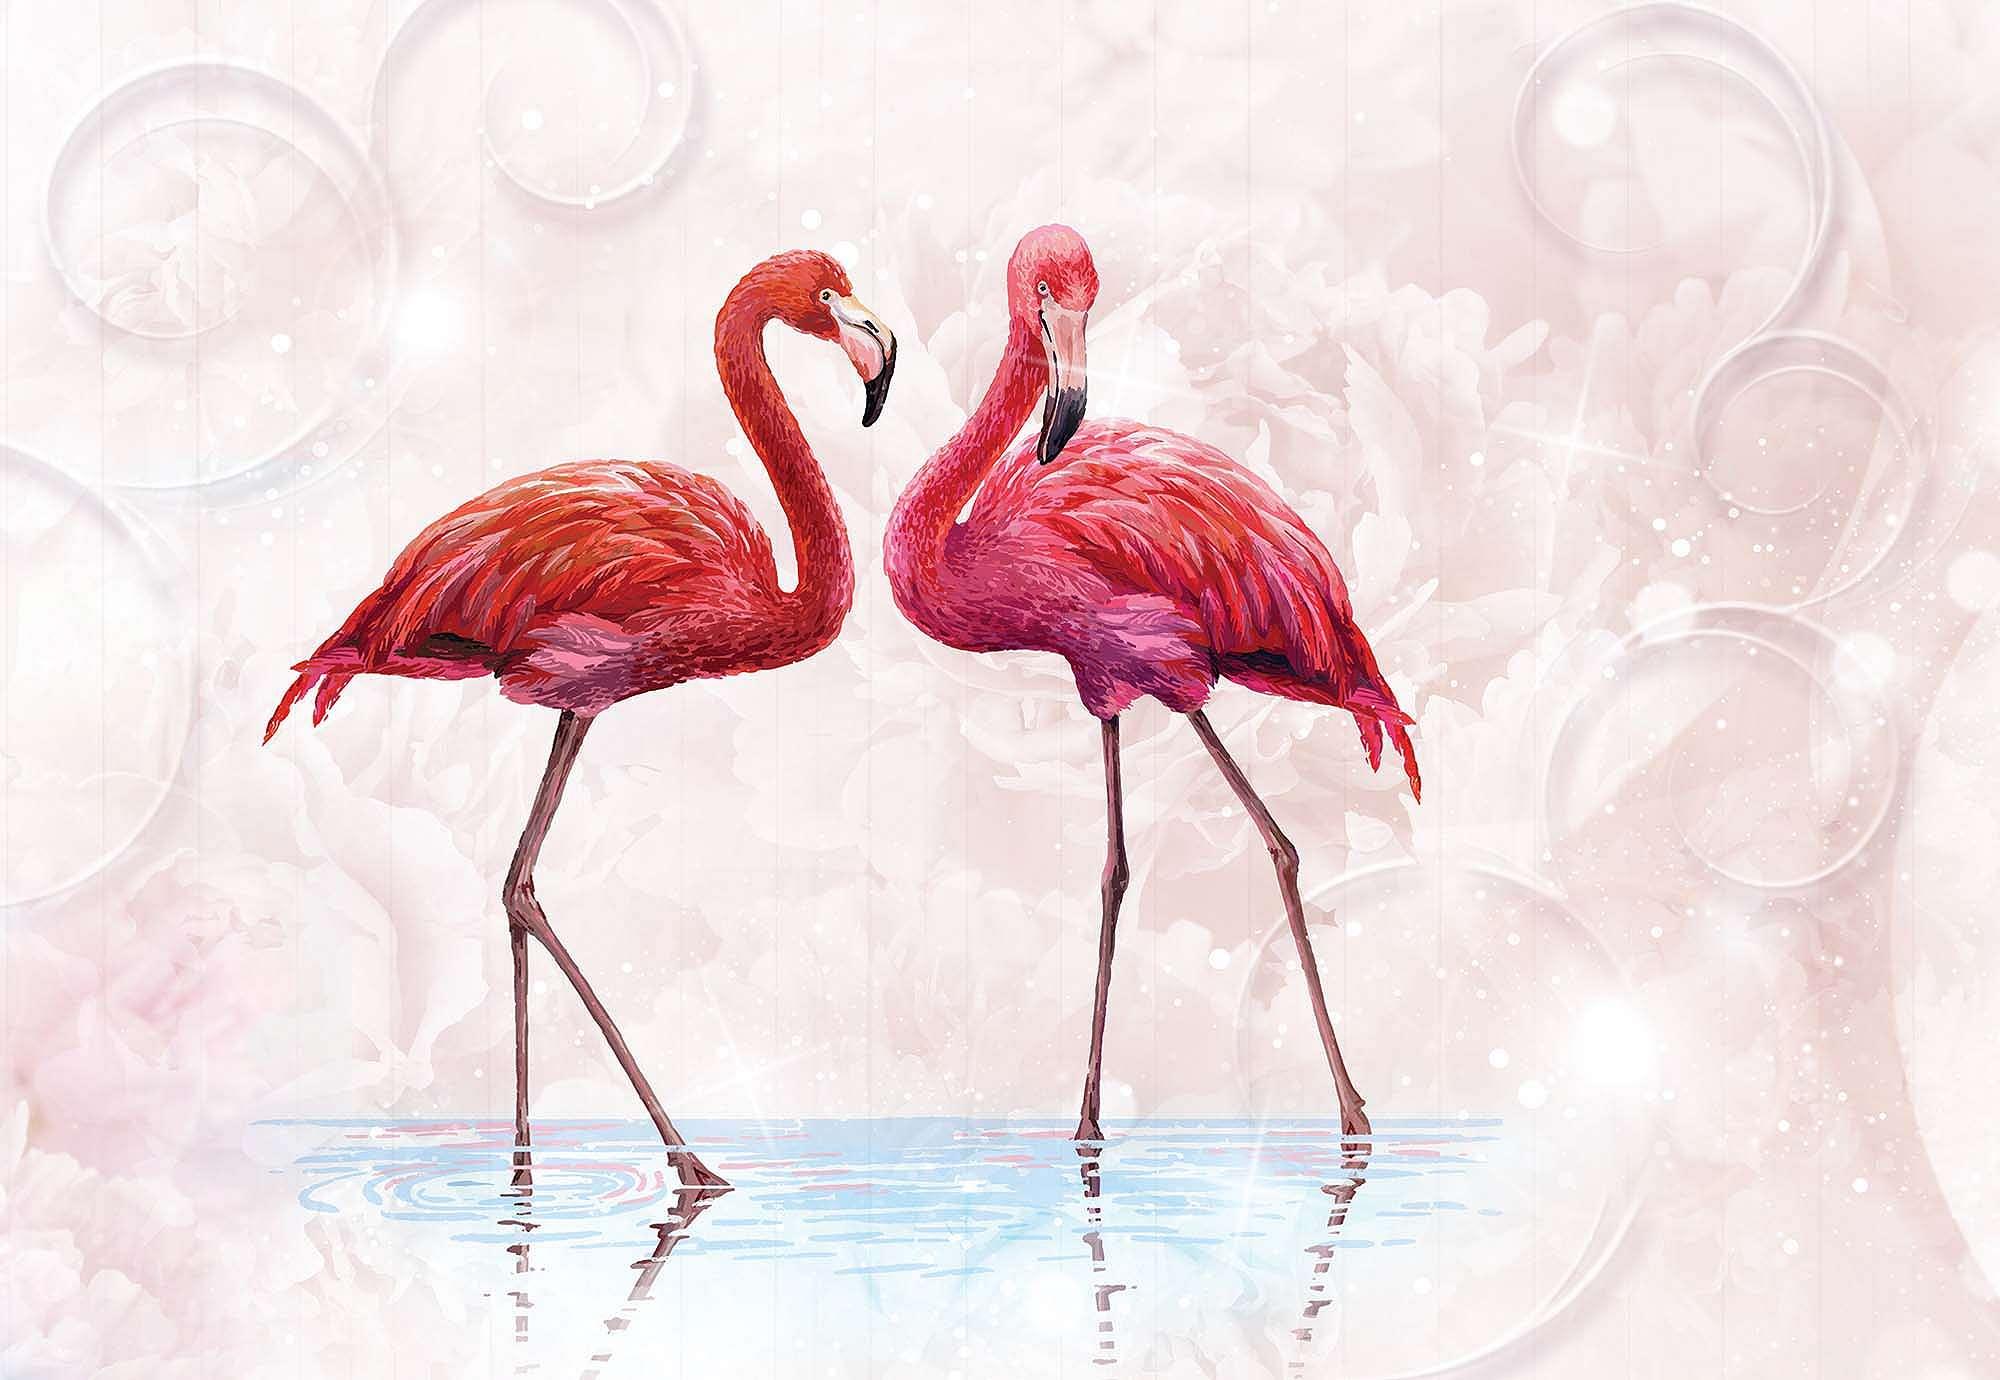 Fali poszter rózsaszín flamingó mintával